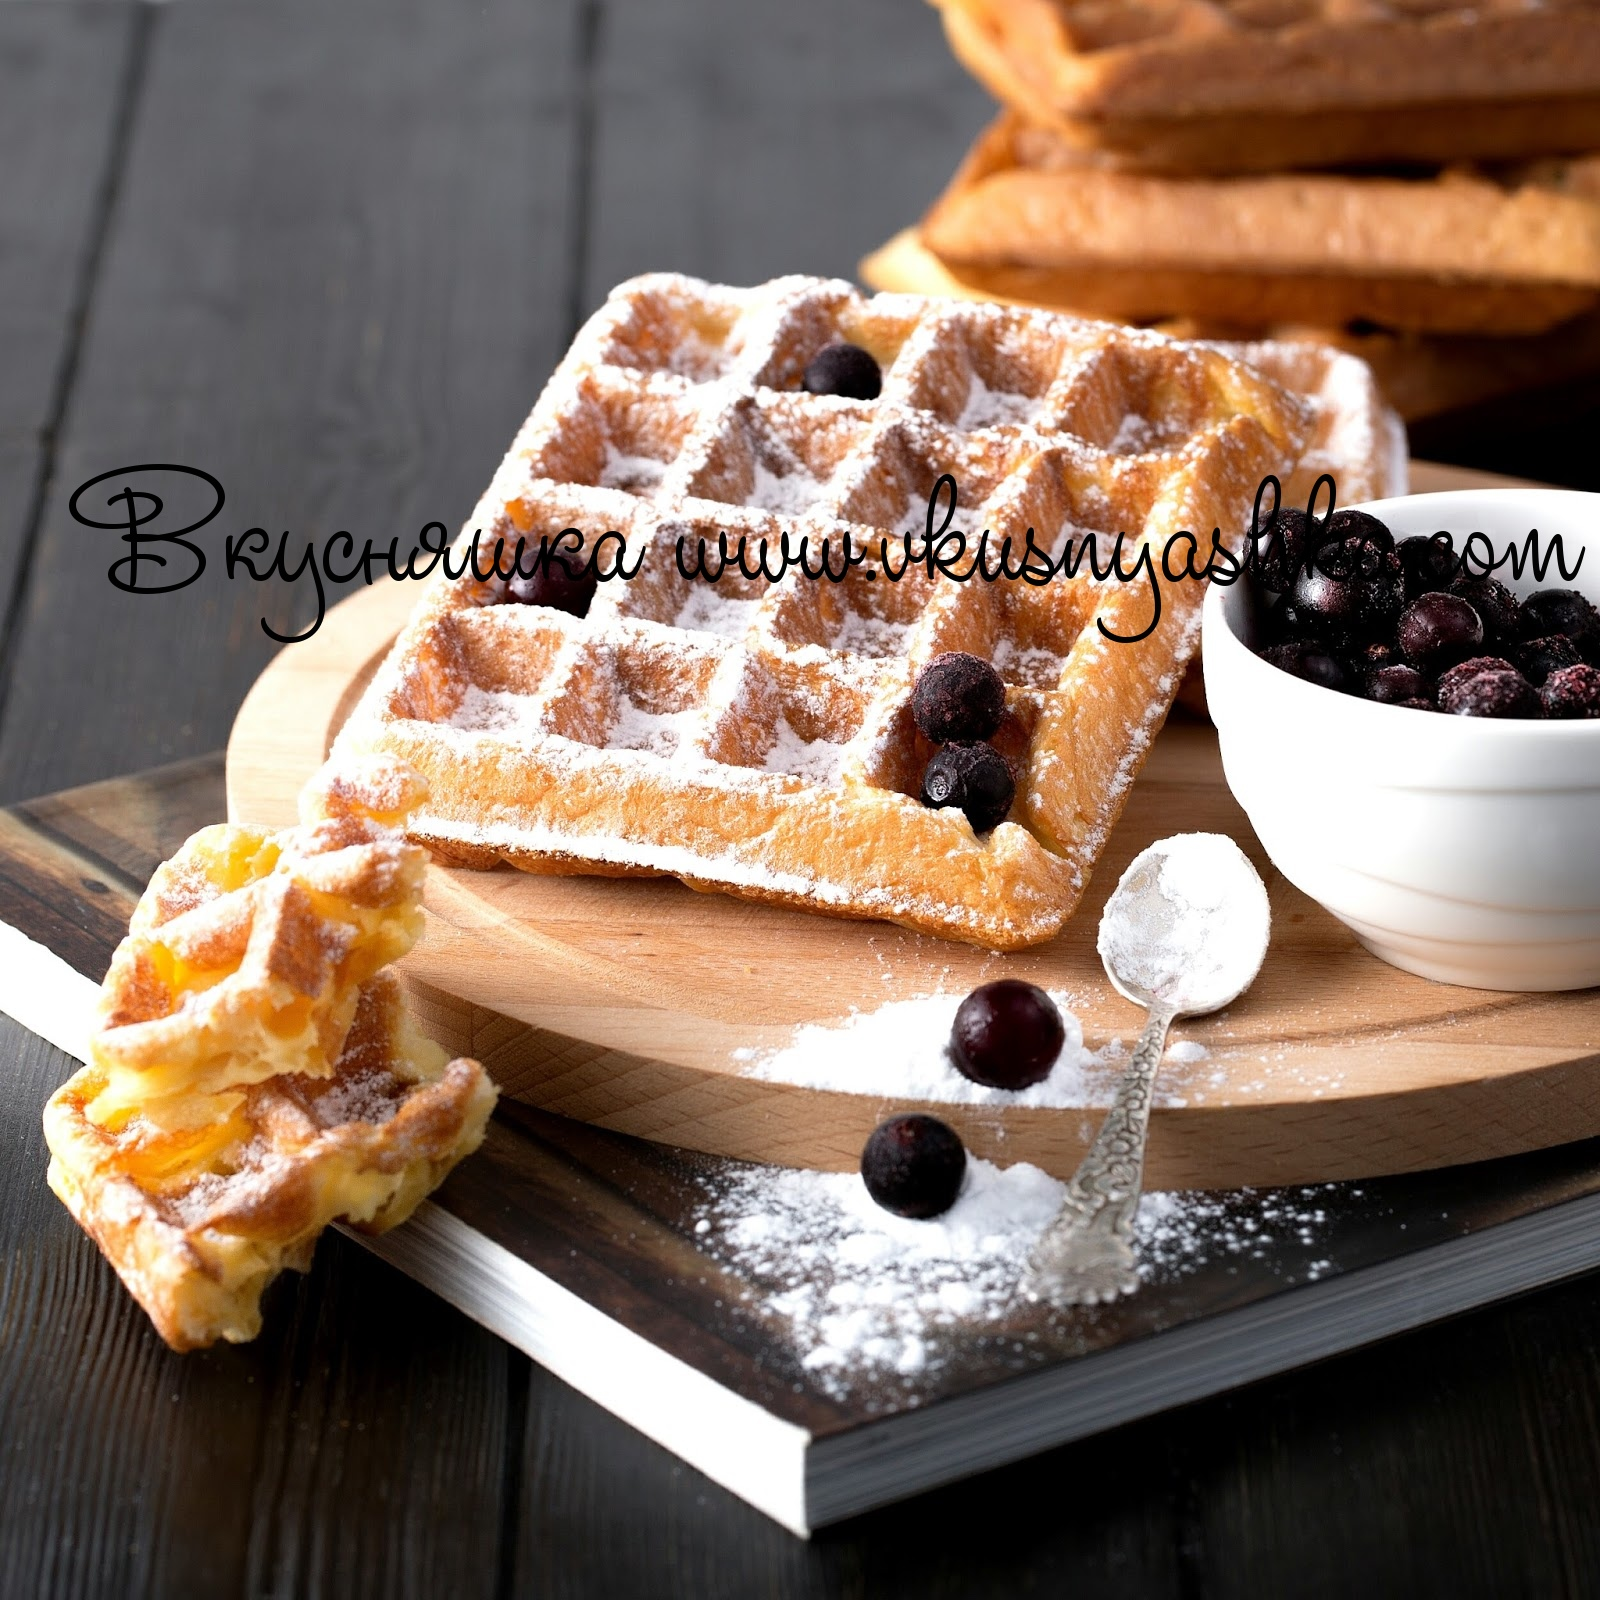 изображение Рецепт бельгийских вафель для электровафельницы